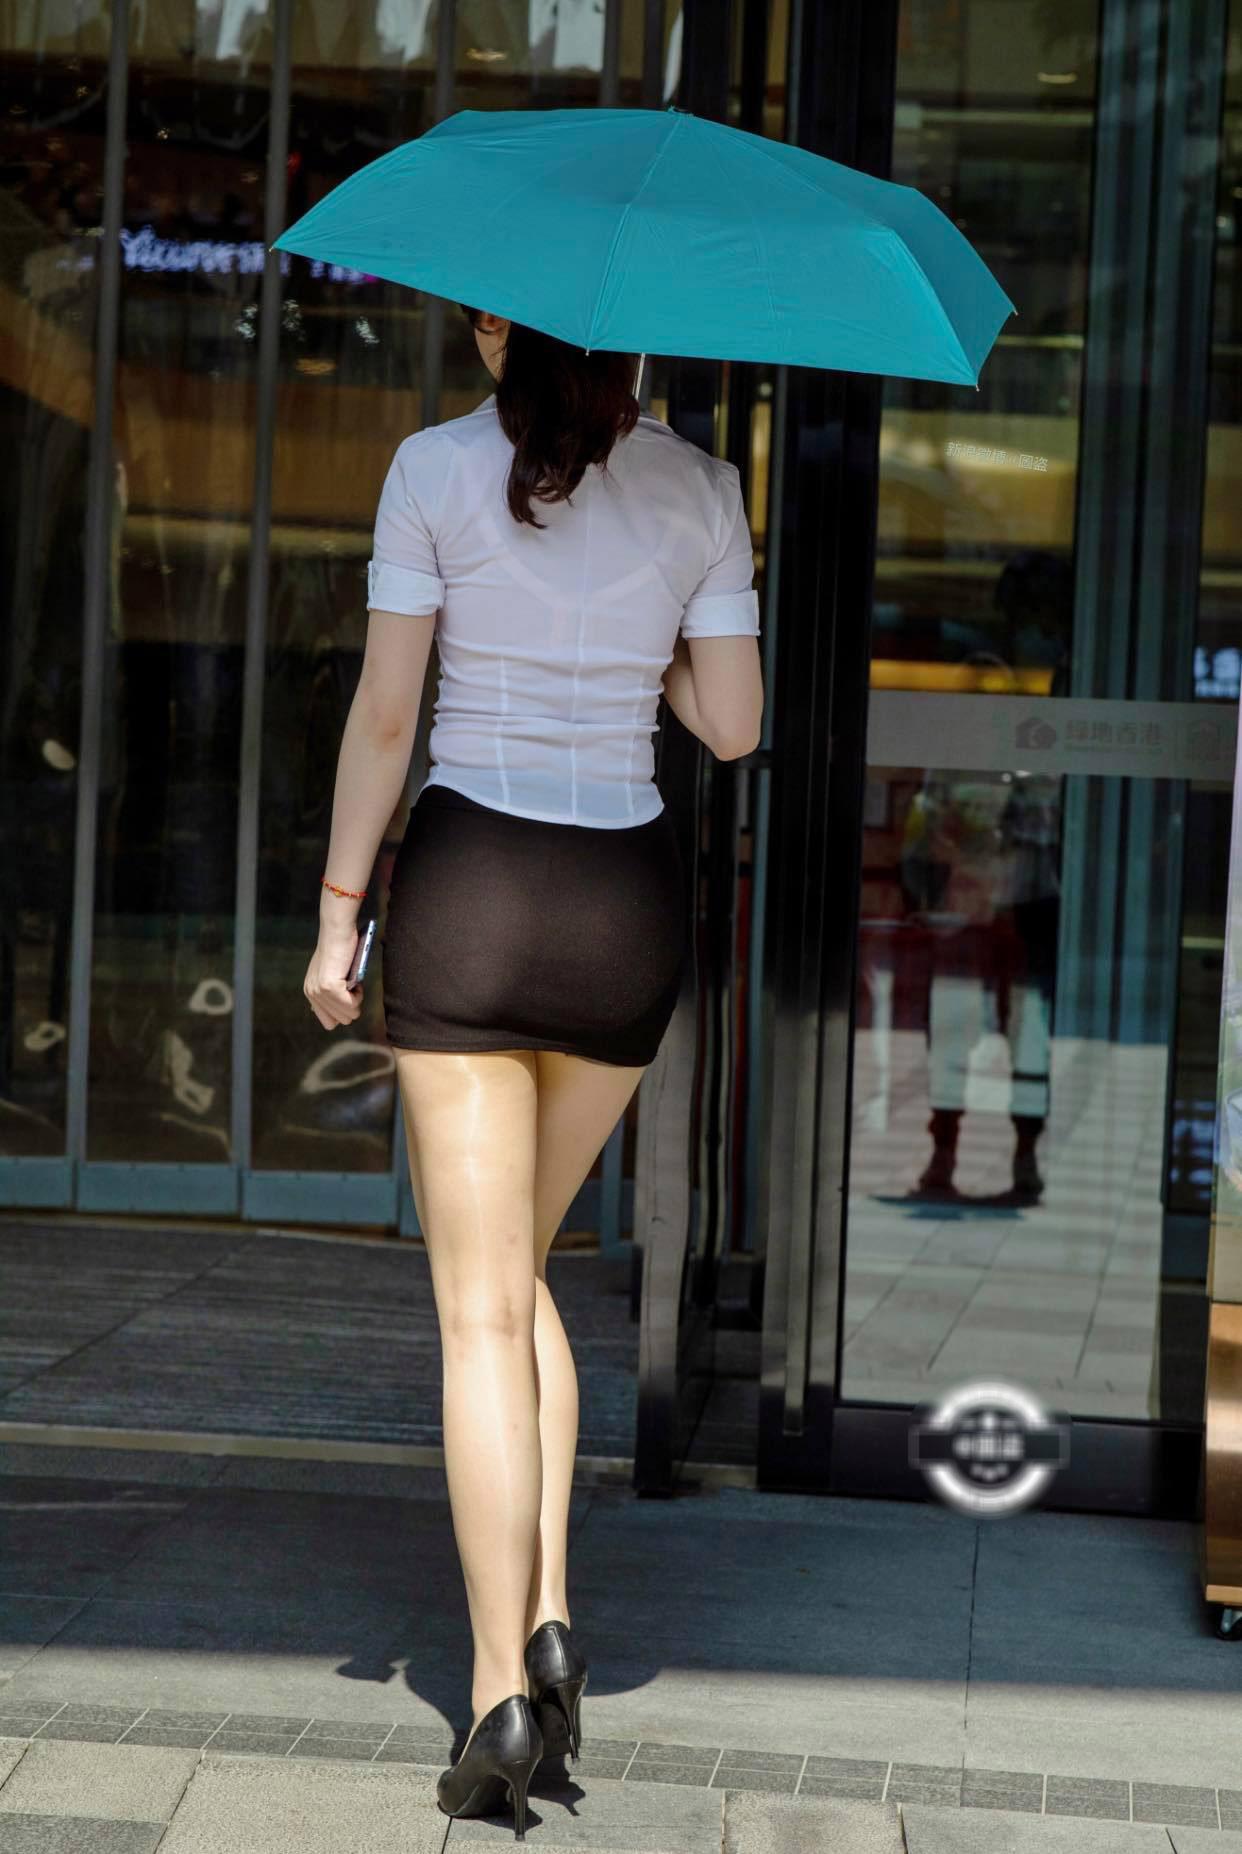 """Mỹ nhân công sở rơi vào cảnh sai trái vì váy """"phát quang"""" nội y, áo khoe cơ thể ẩn hiện - hình ảnh 1"""